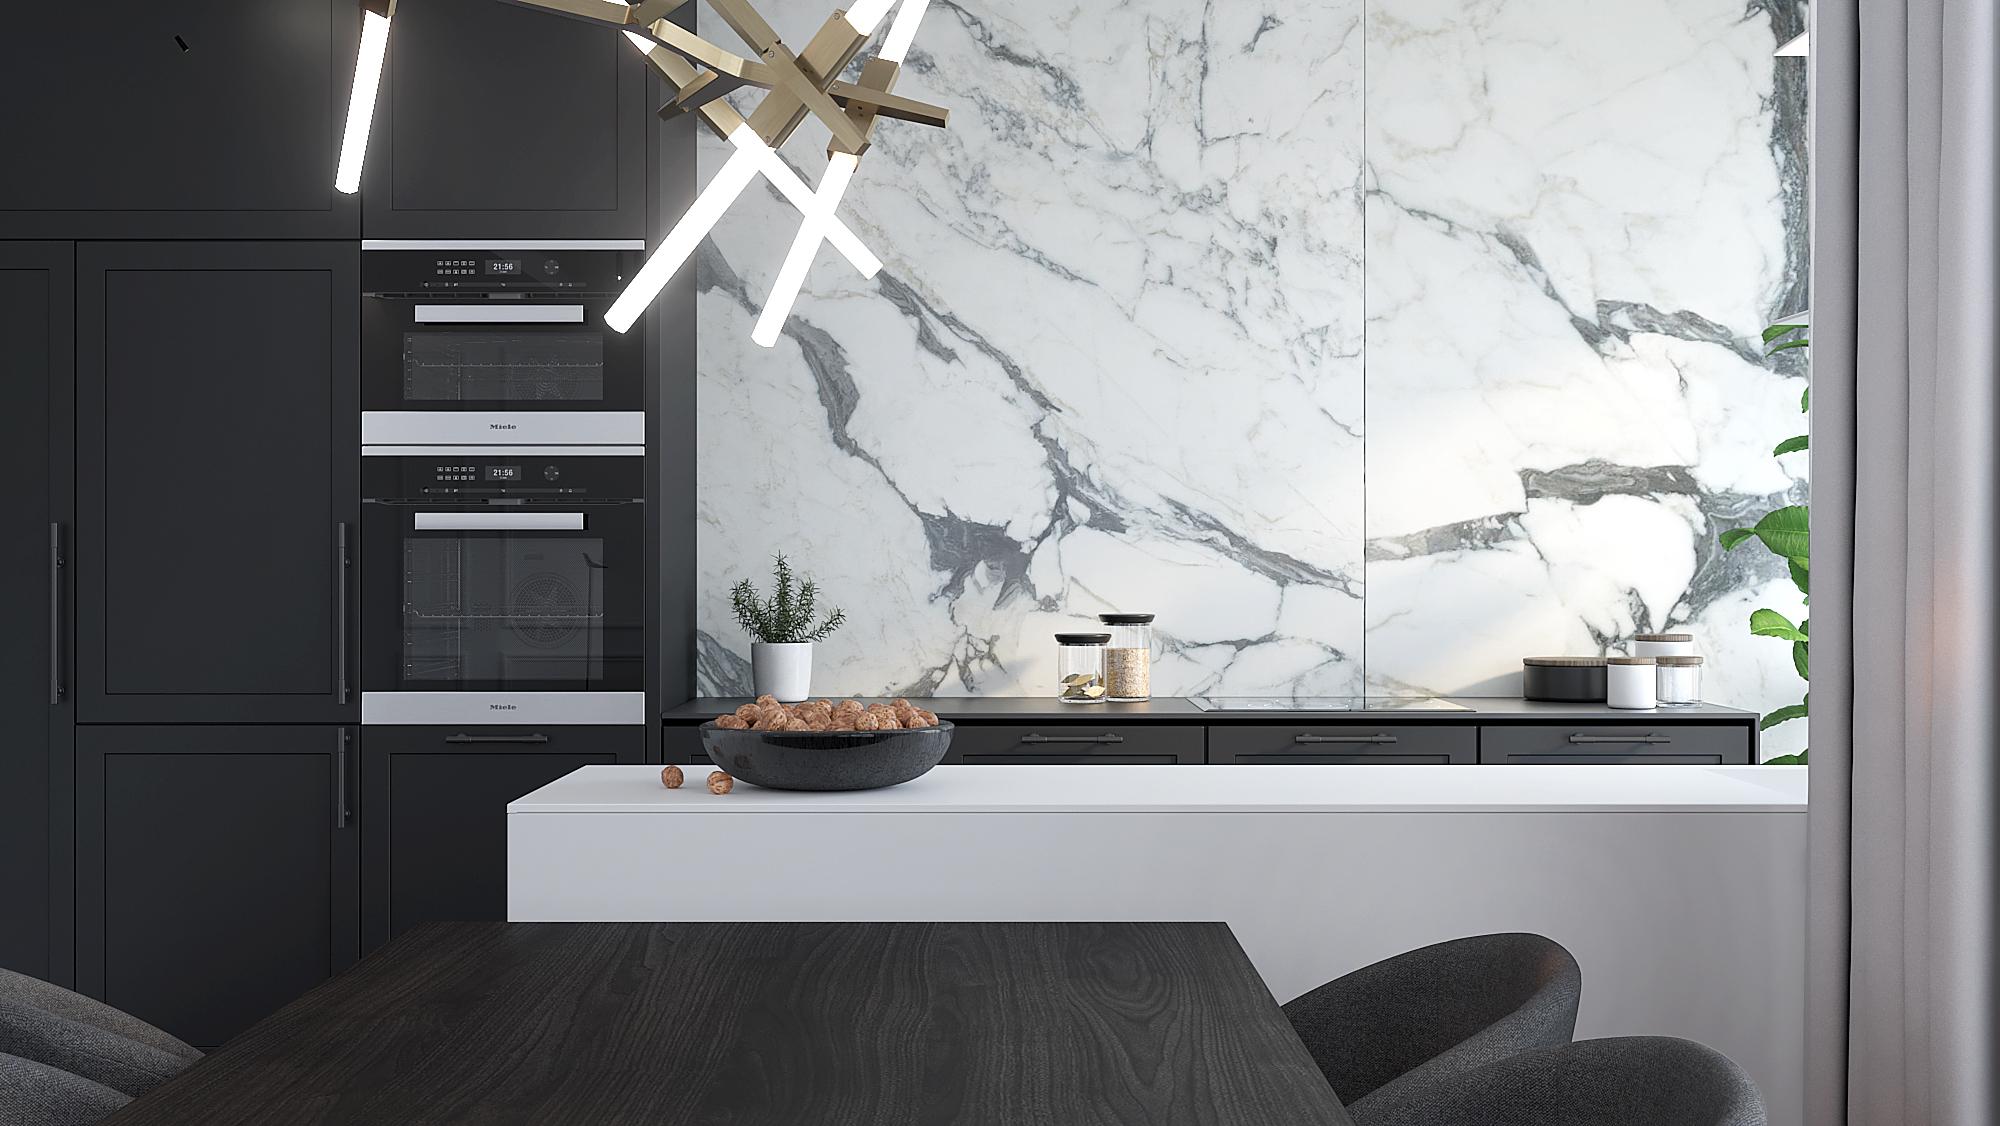 6 architekt wnetrz M489 mieszkanie krakow biala polywspa czarna zabudowa w kuchni marmur na scianie